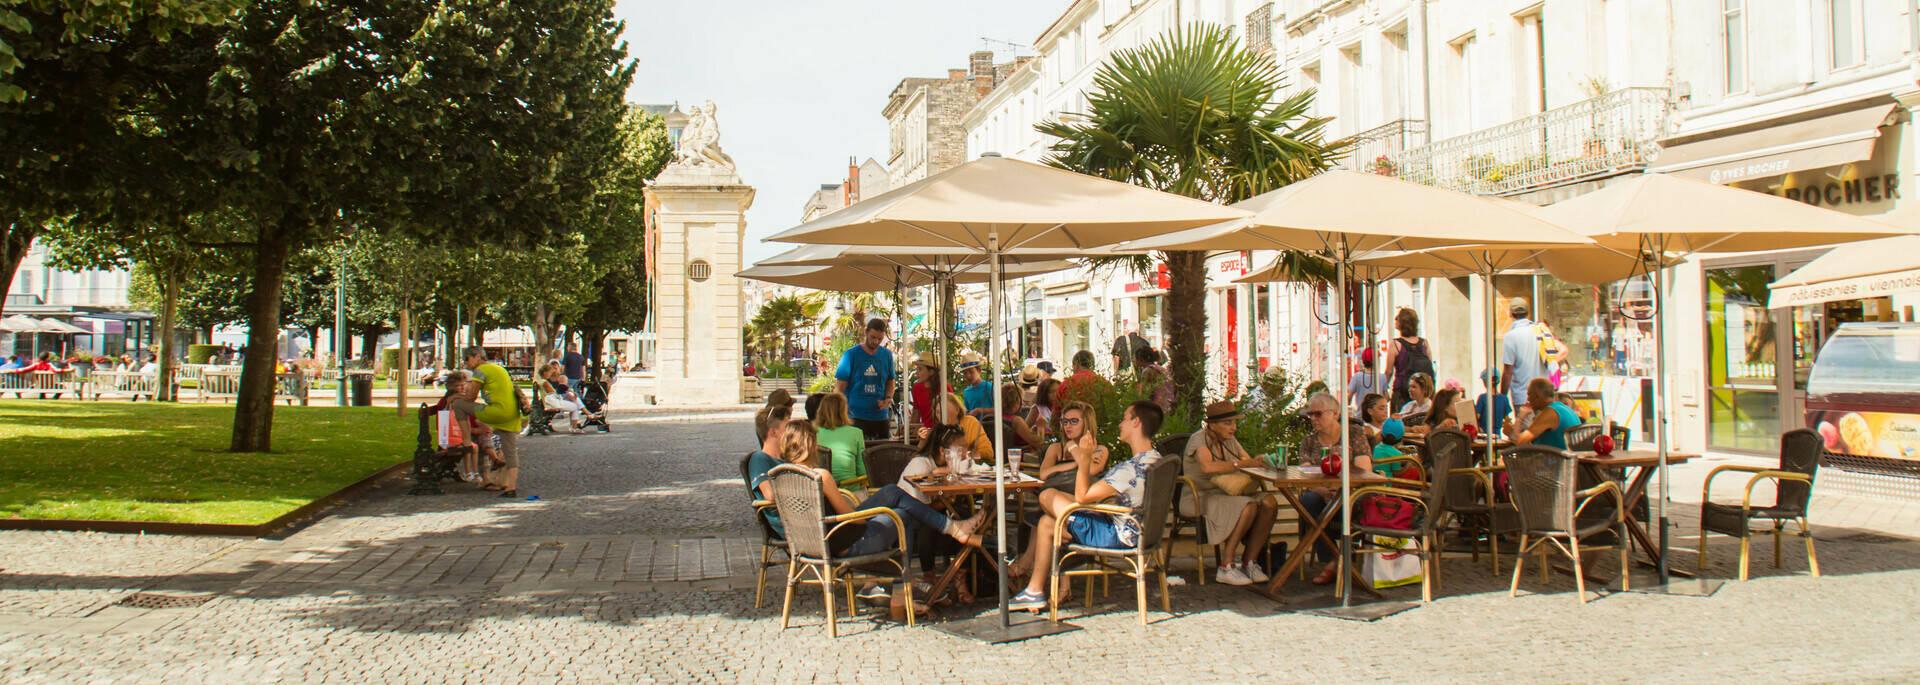 Boire un verre en terrasse et flâner Place Colbert à Rochefort - © Laurent Pétillon